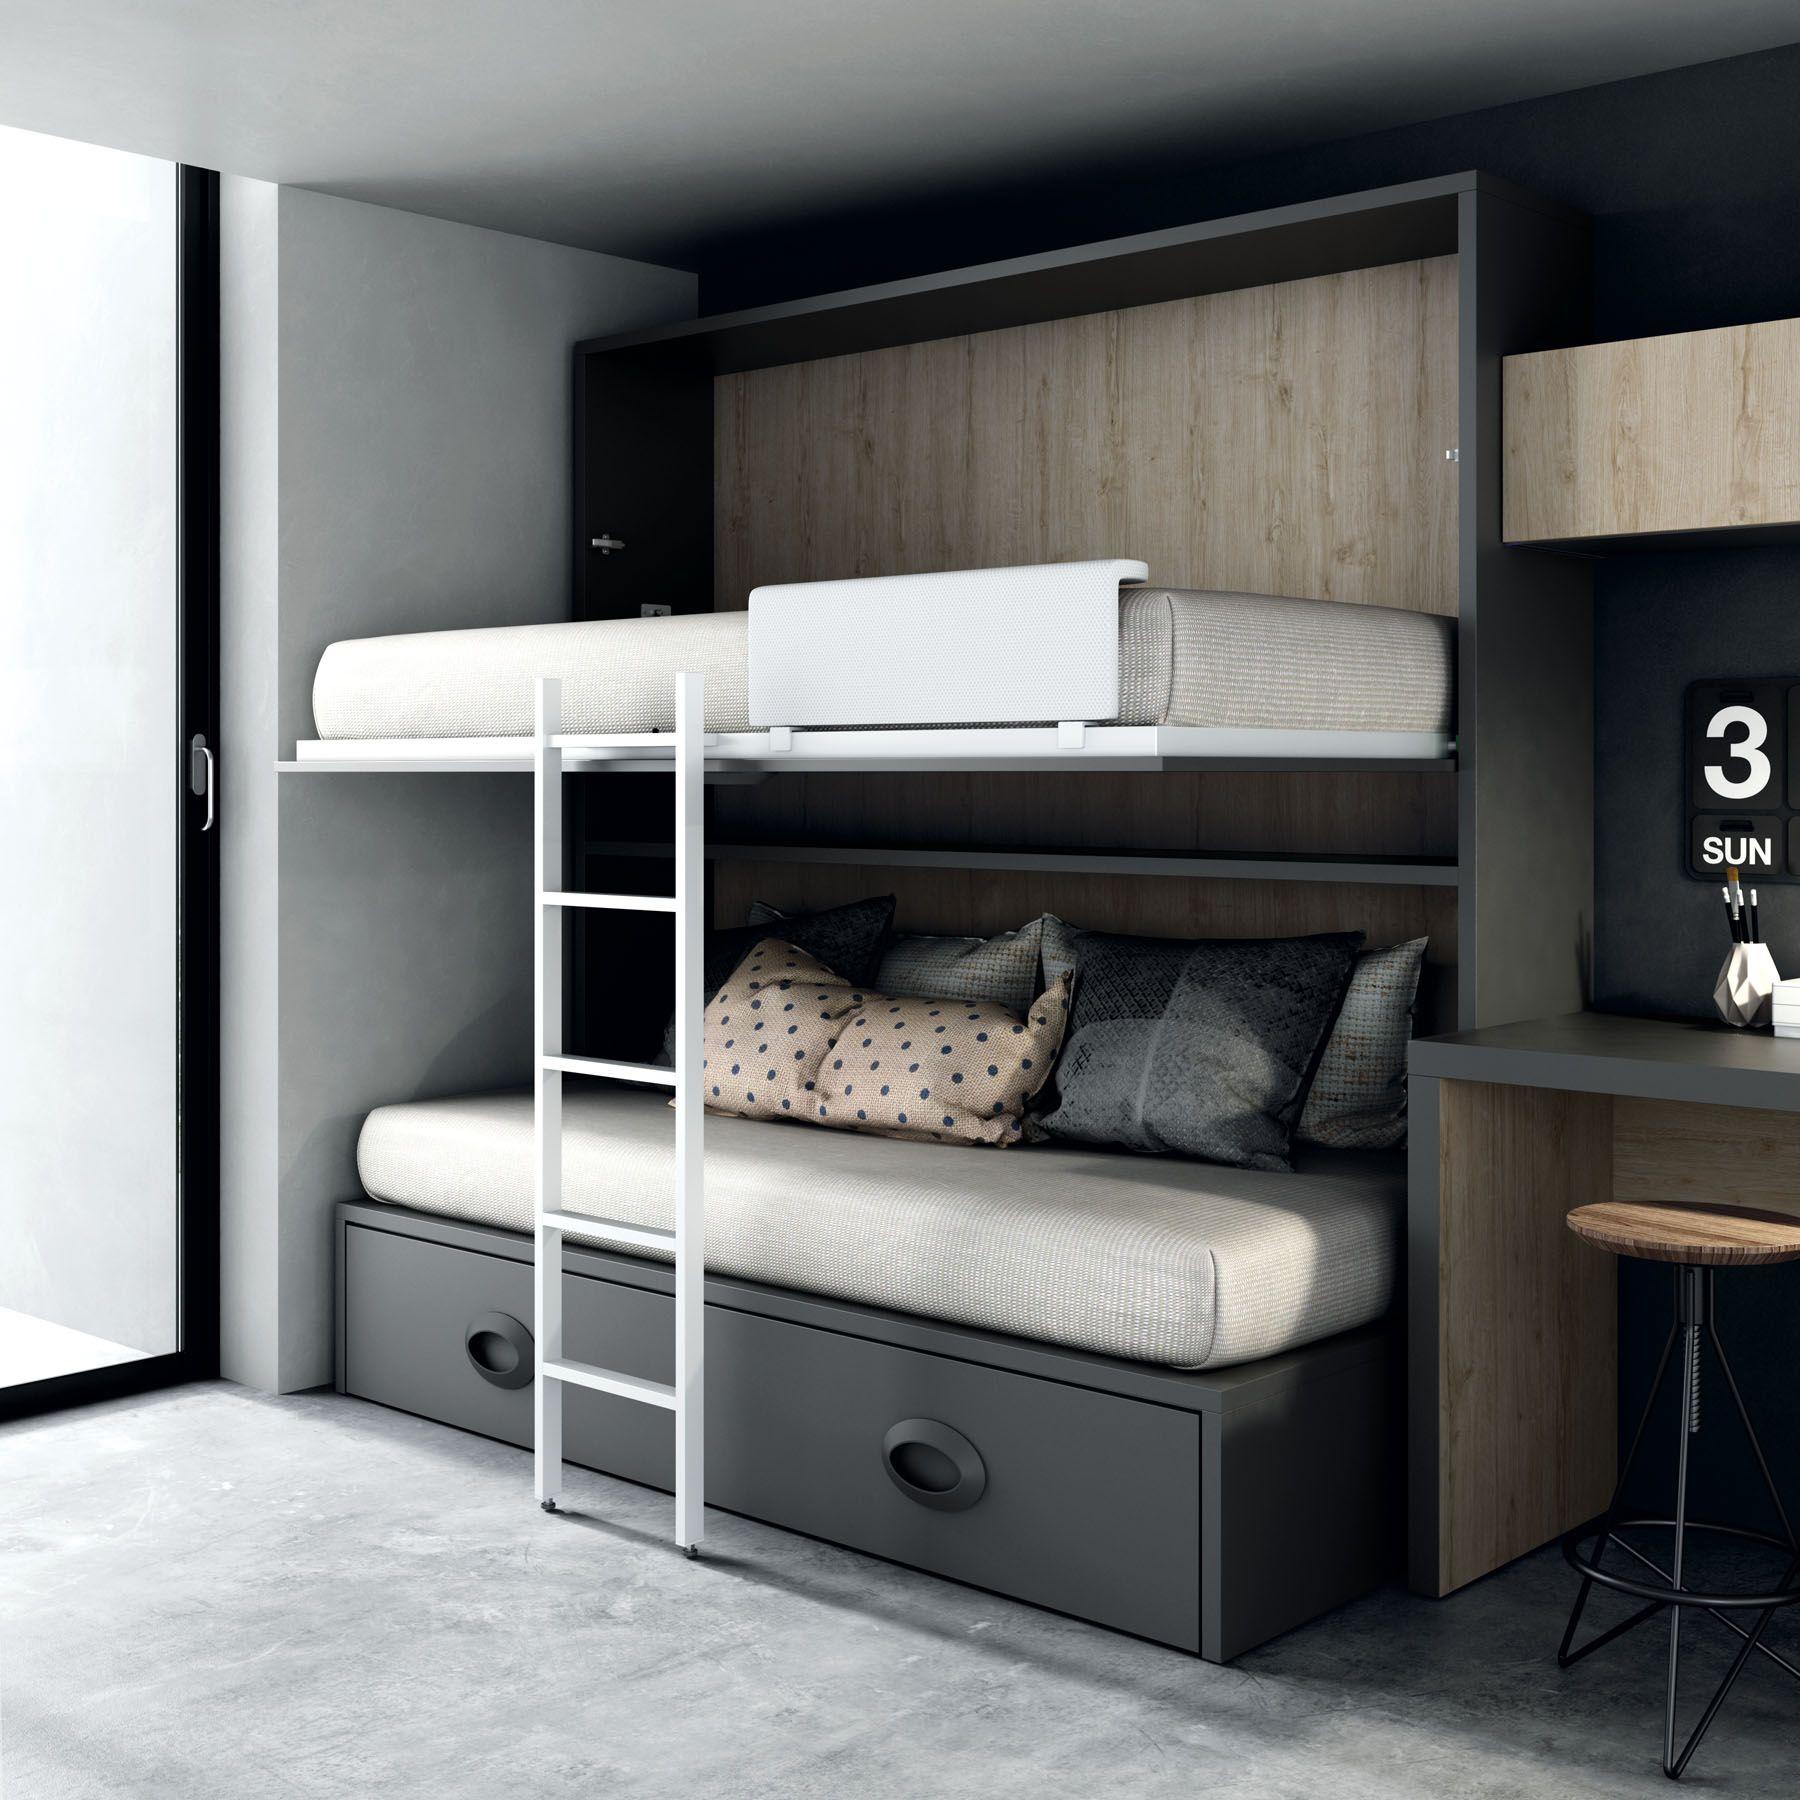 Pin de arista mobiliario en camas para dormitorios con - 3 camas en poco espacio ...